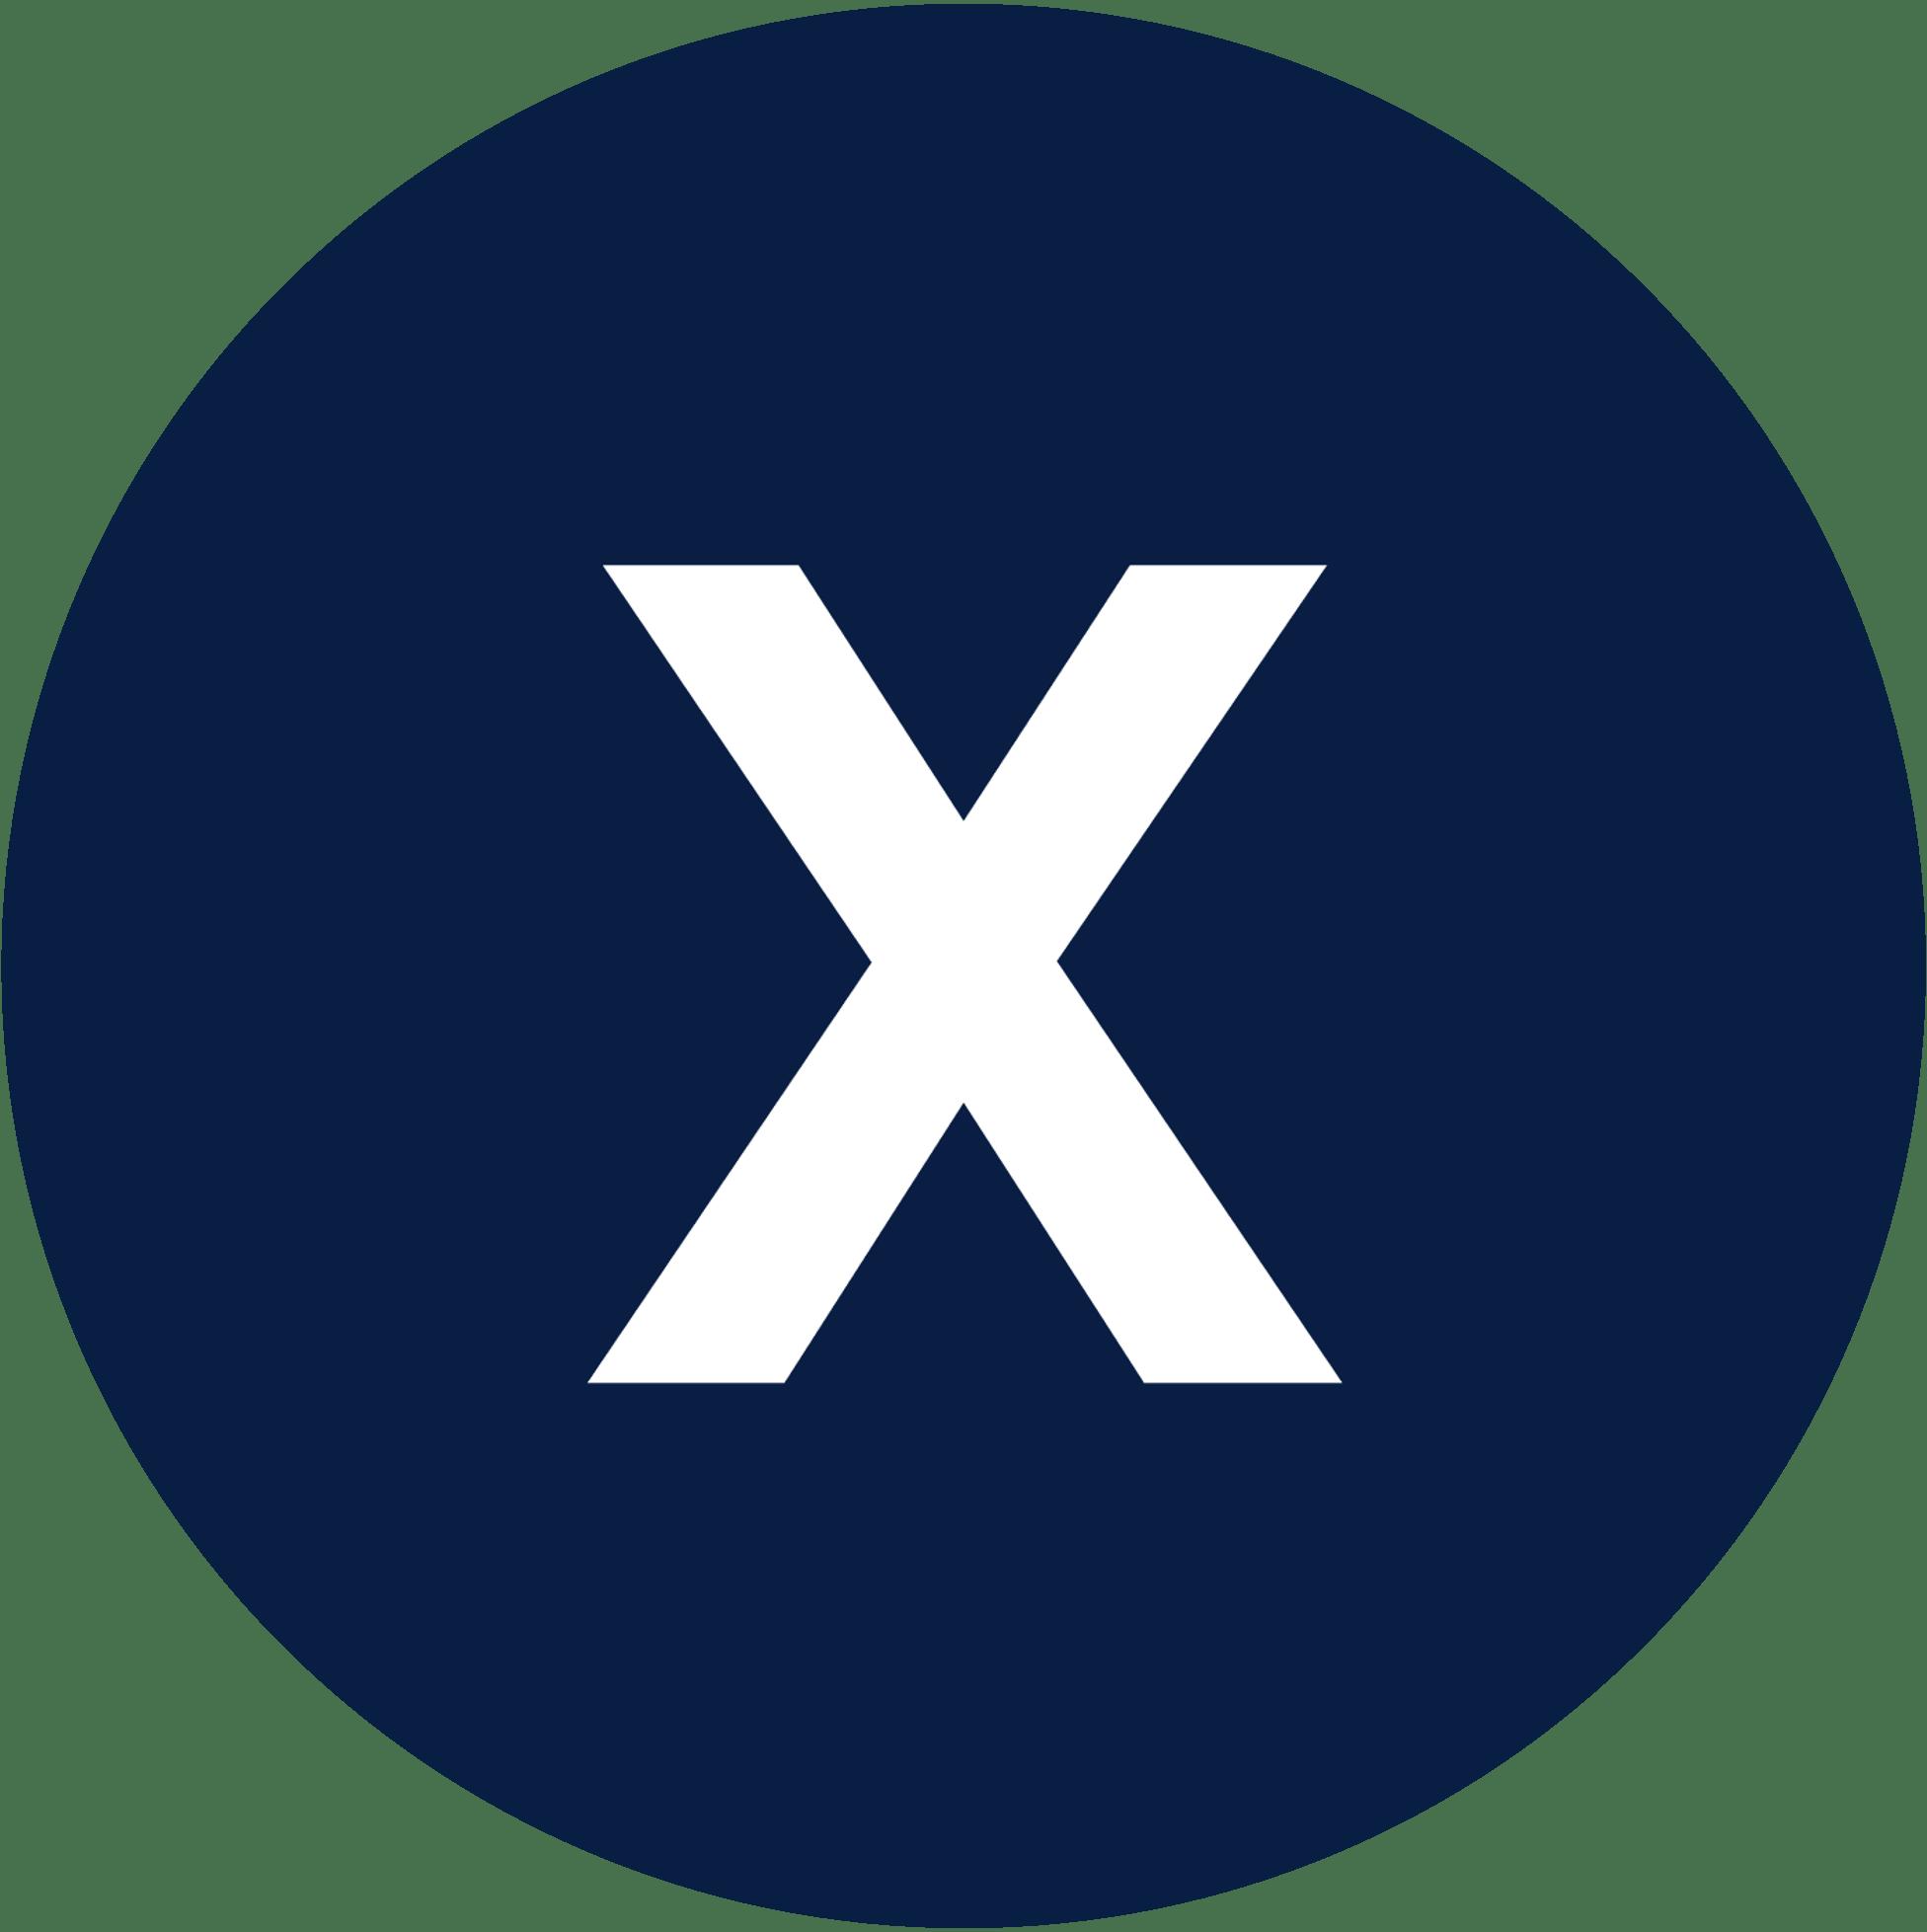 Internxt